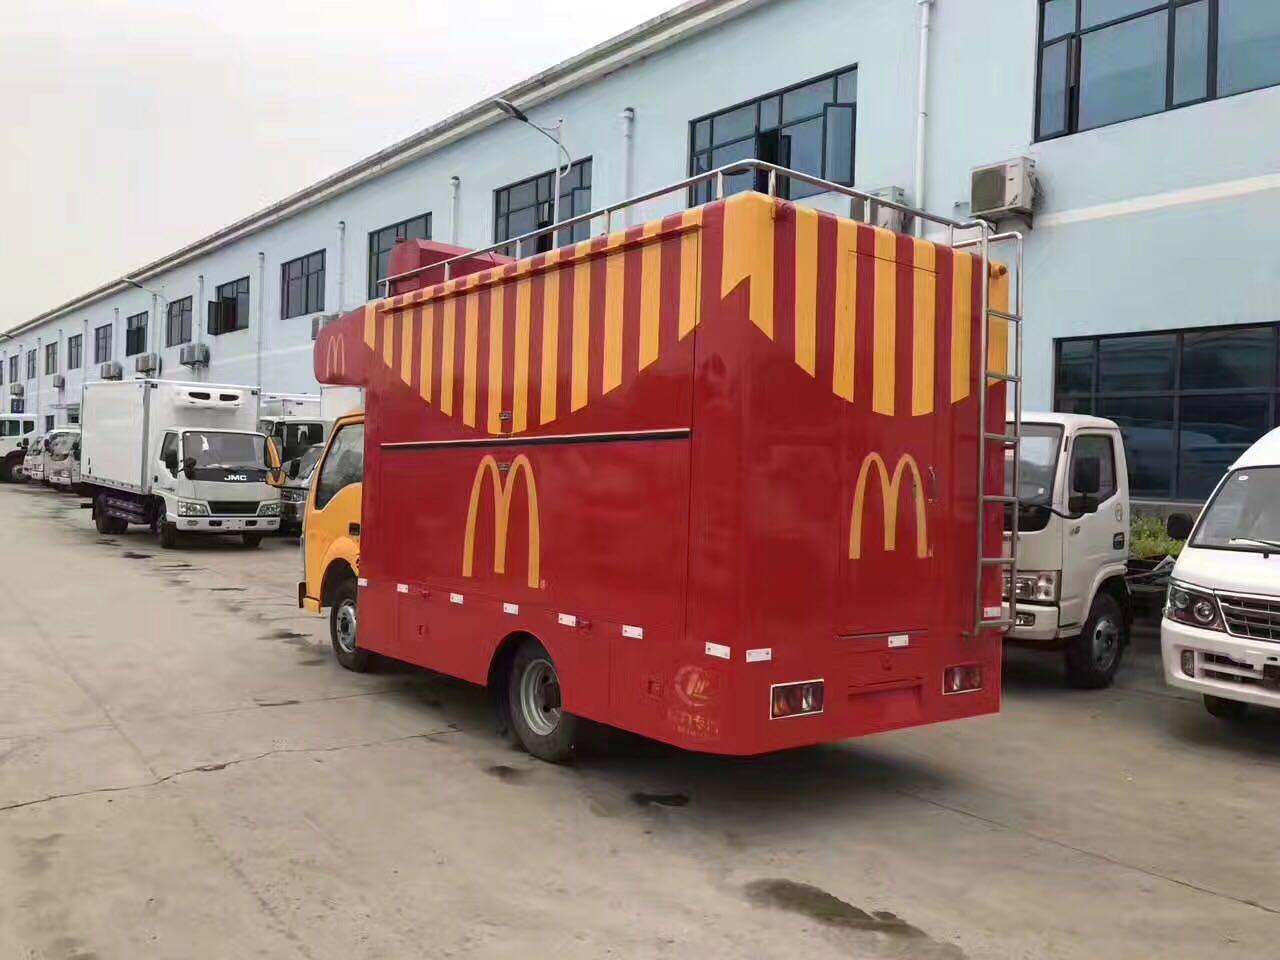 移动售货车早餐小吃车 温州奶茶冰淇淋饭菜配送快餐... - 虎易网